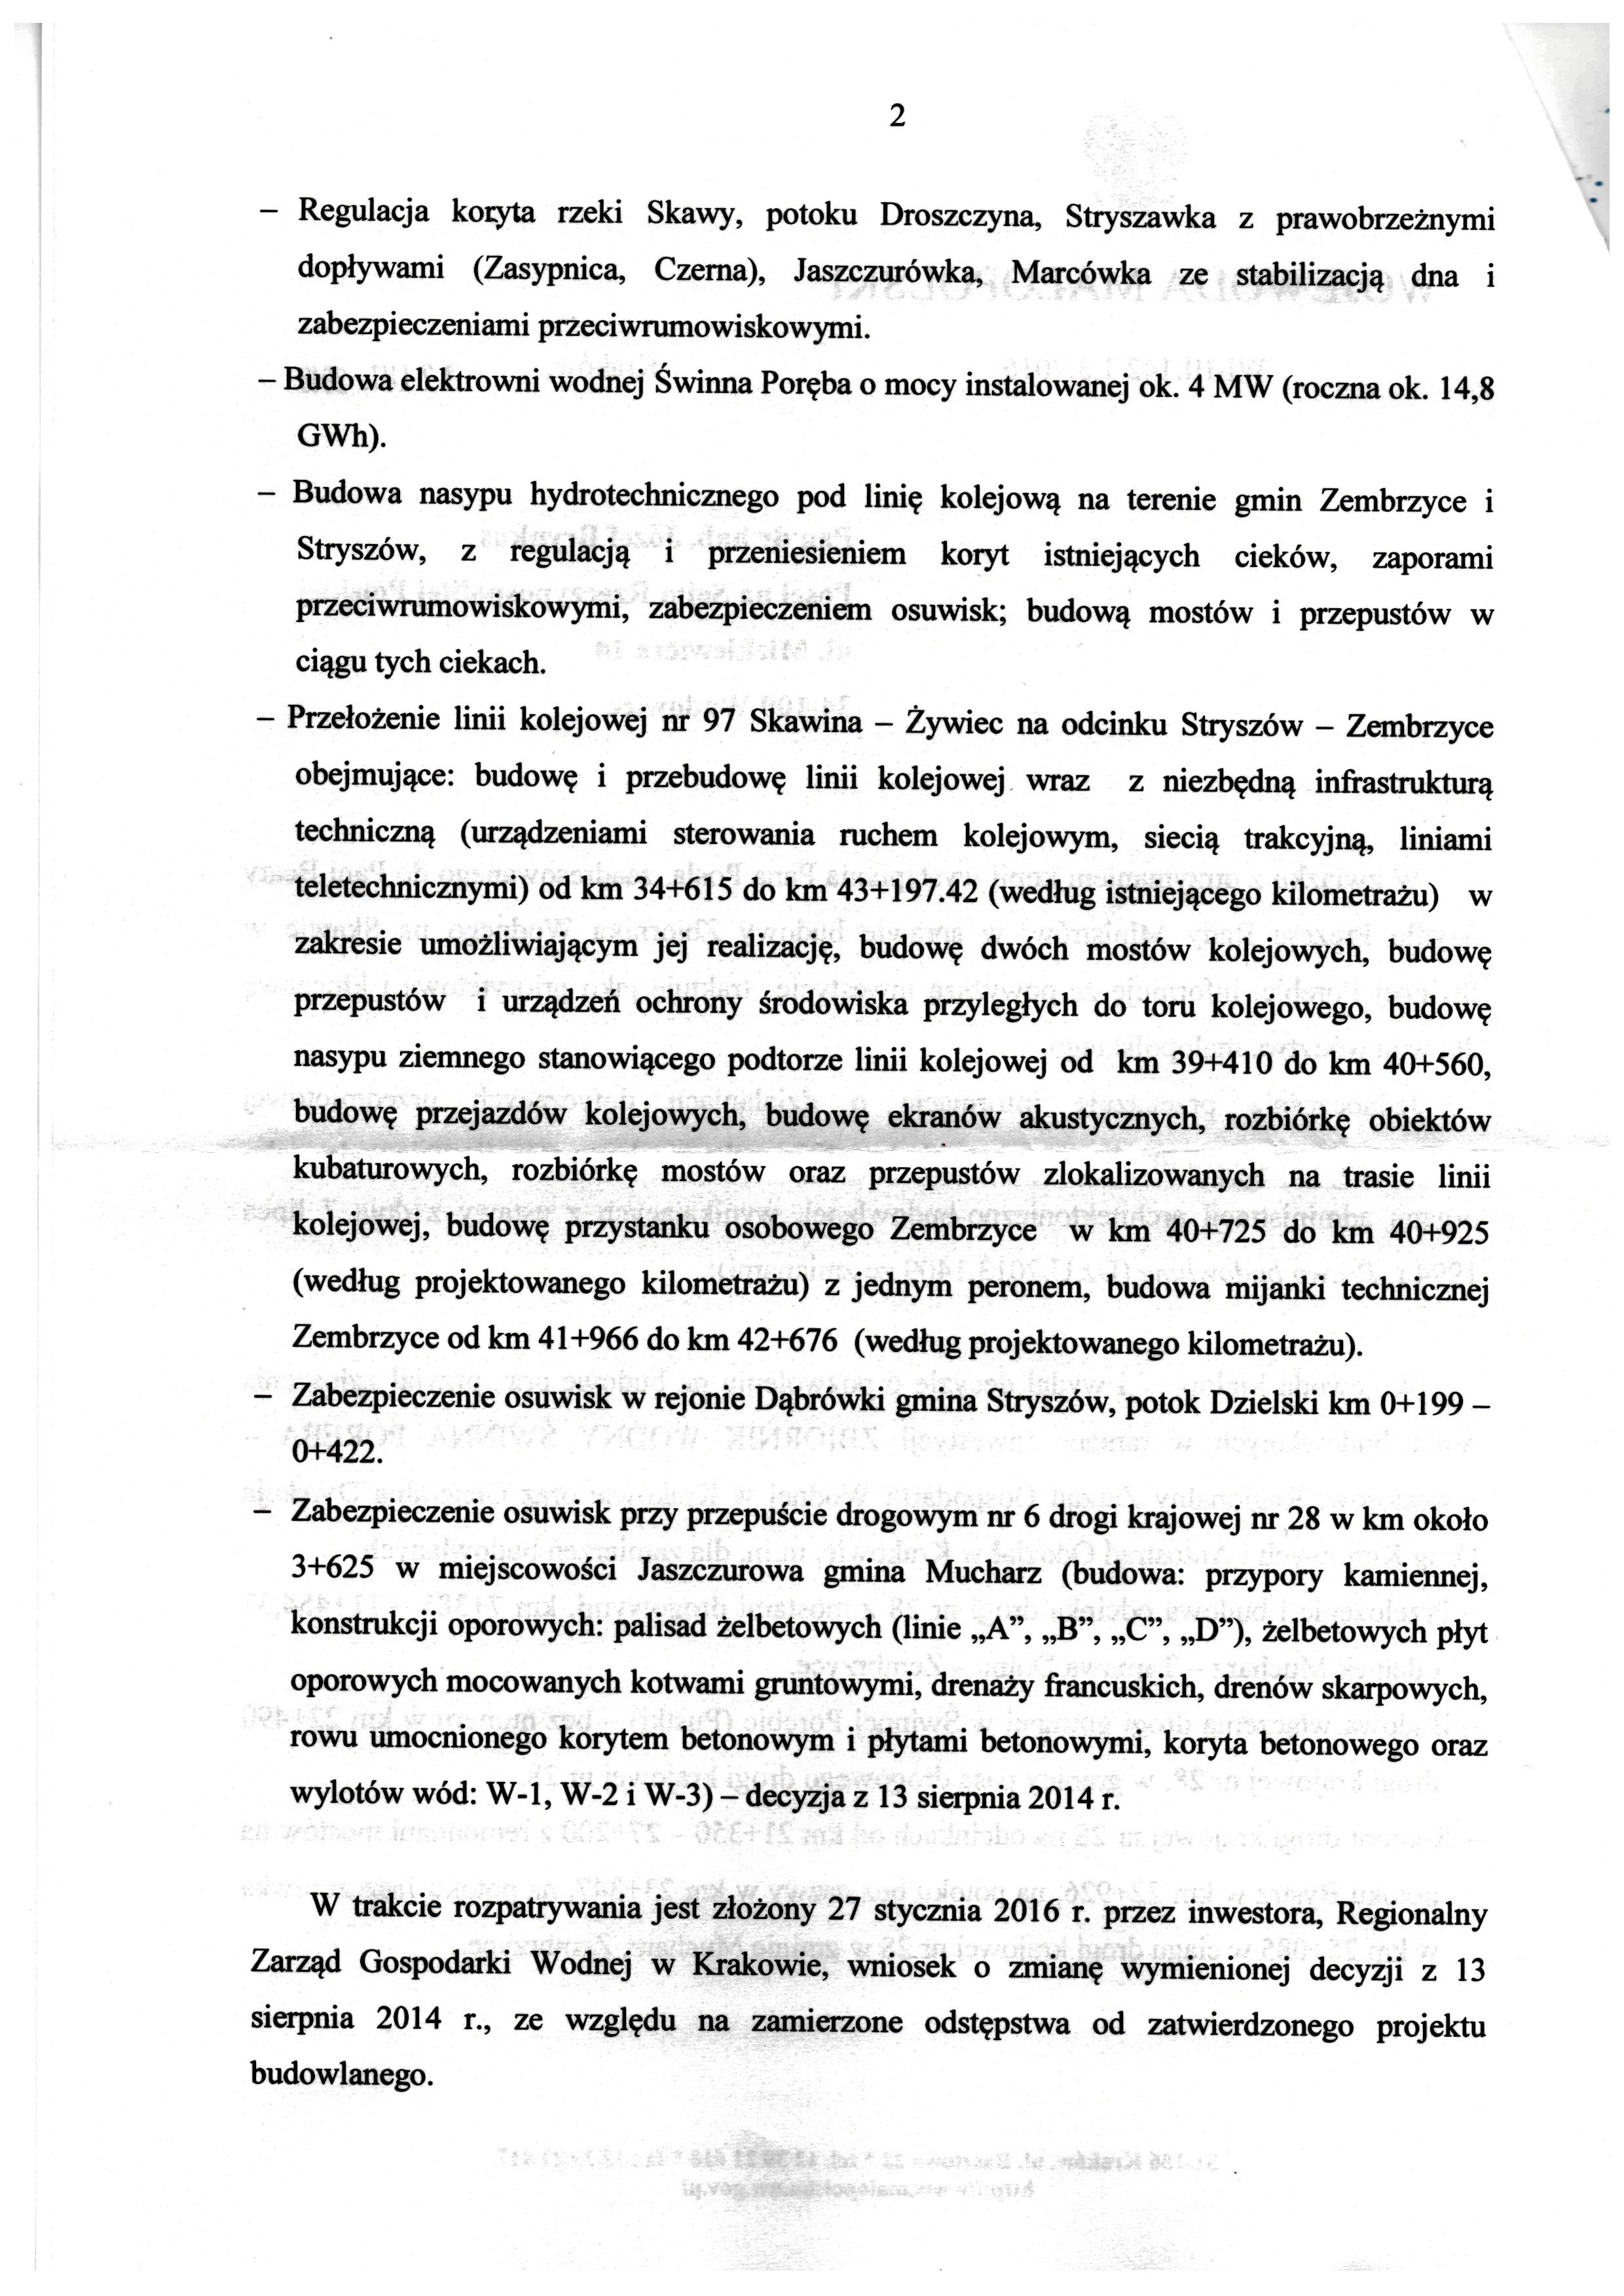 Zbiornik - Wojewoda Pilch - 0002